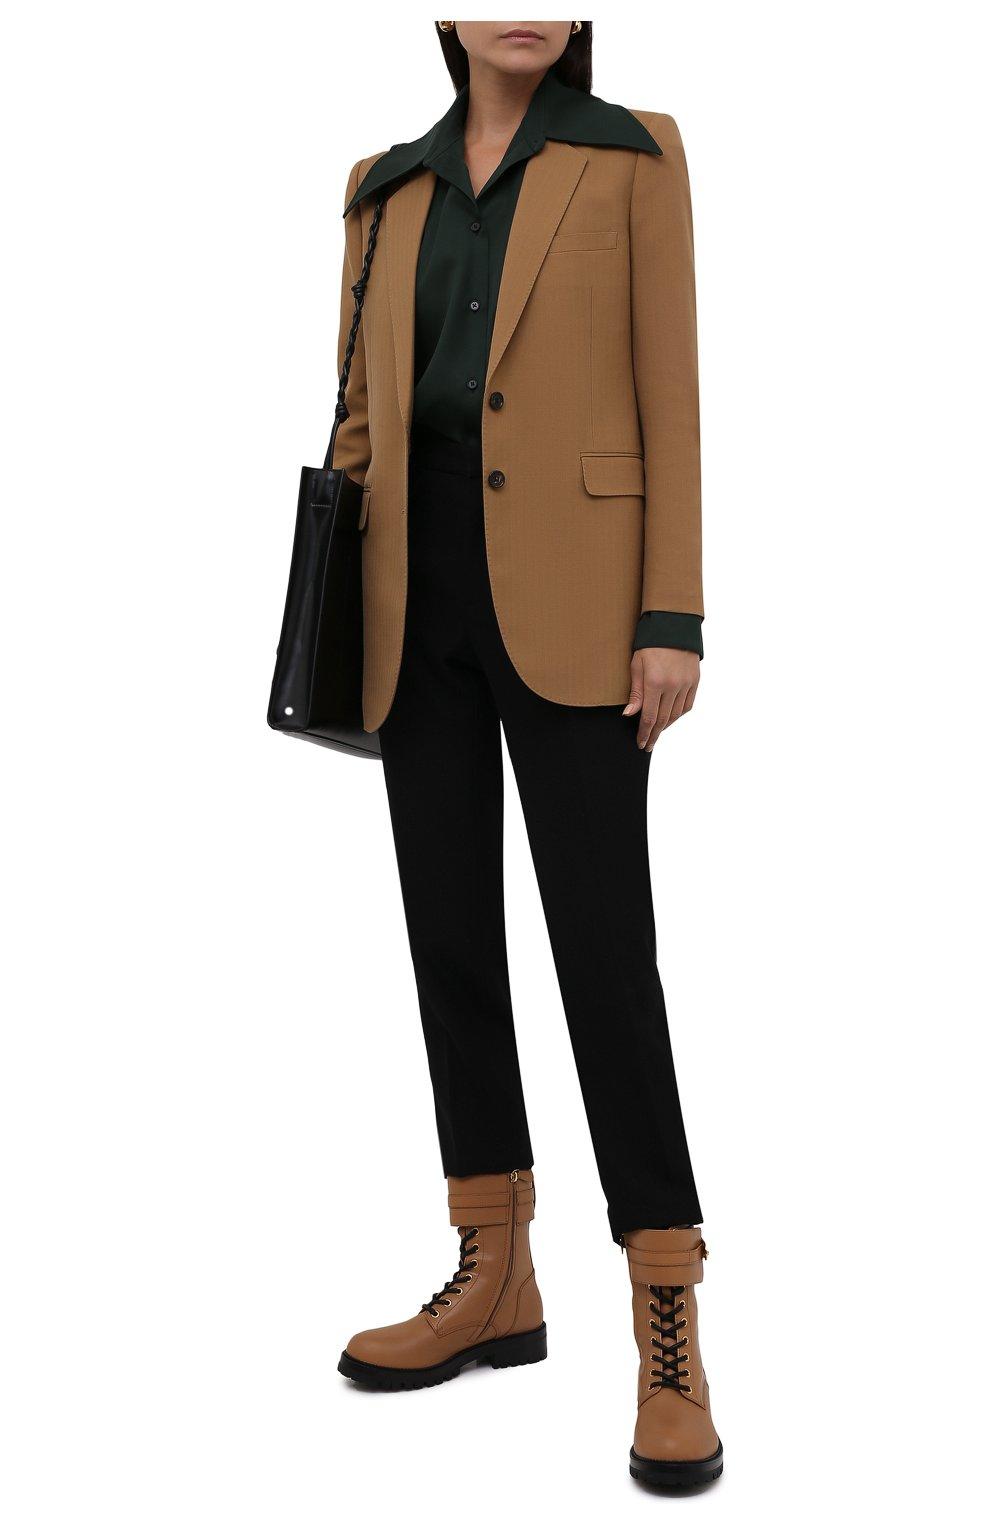 Женские кожаные ботинки VERSACE светло-коричневого цвета, арт. DST419E/DVTA3 | Фото 2 (Подошва: Платформа; Каблук высота: Низкий; Материал внутренний: Натуральная кожа; Женское Кросс-КТ: Байкеры-ботинки)